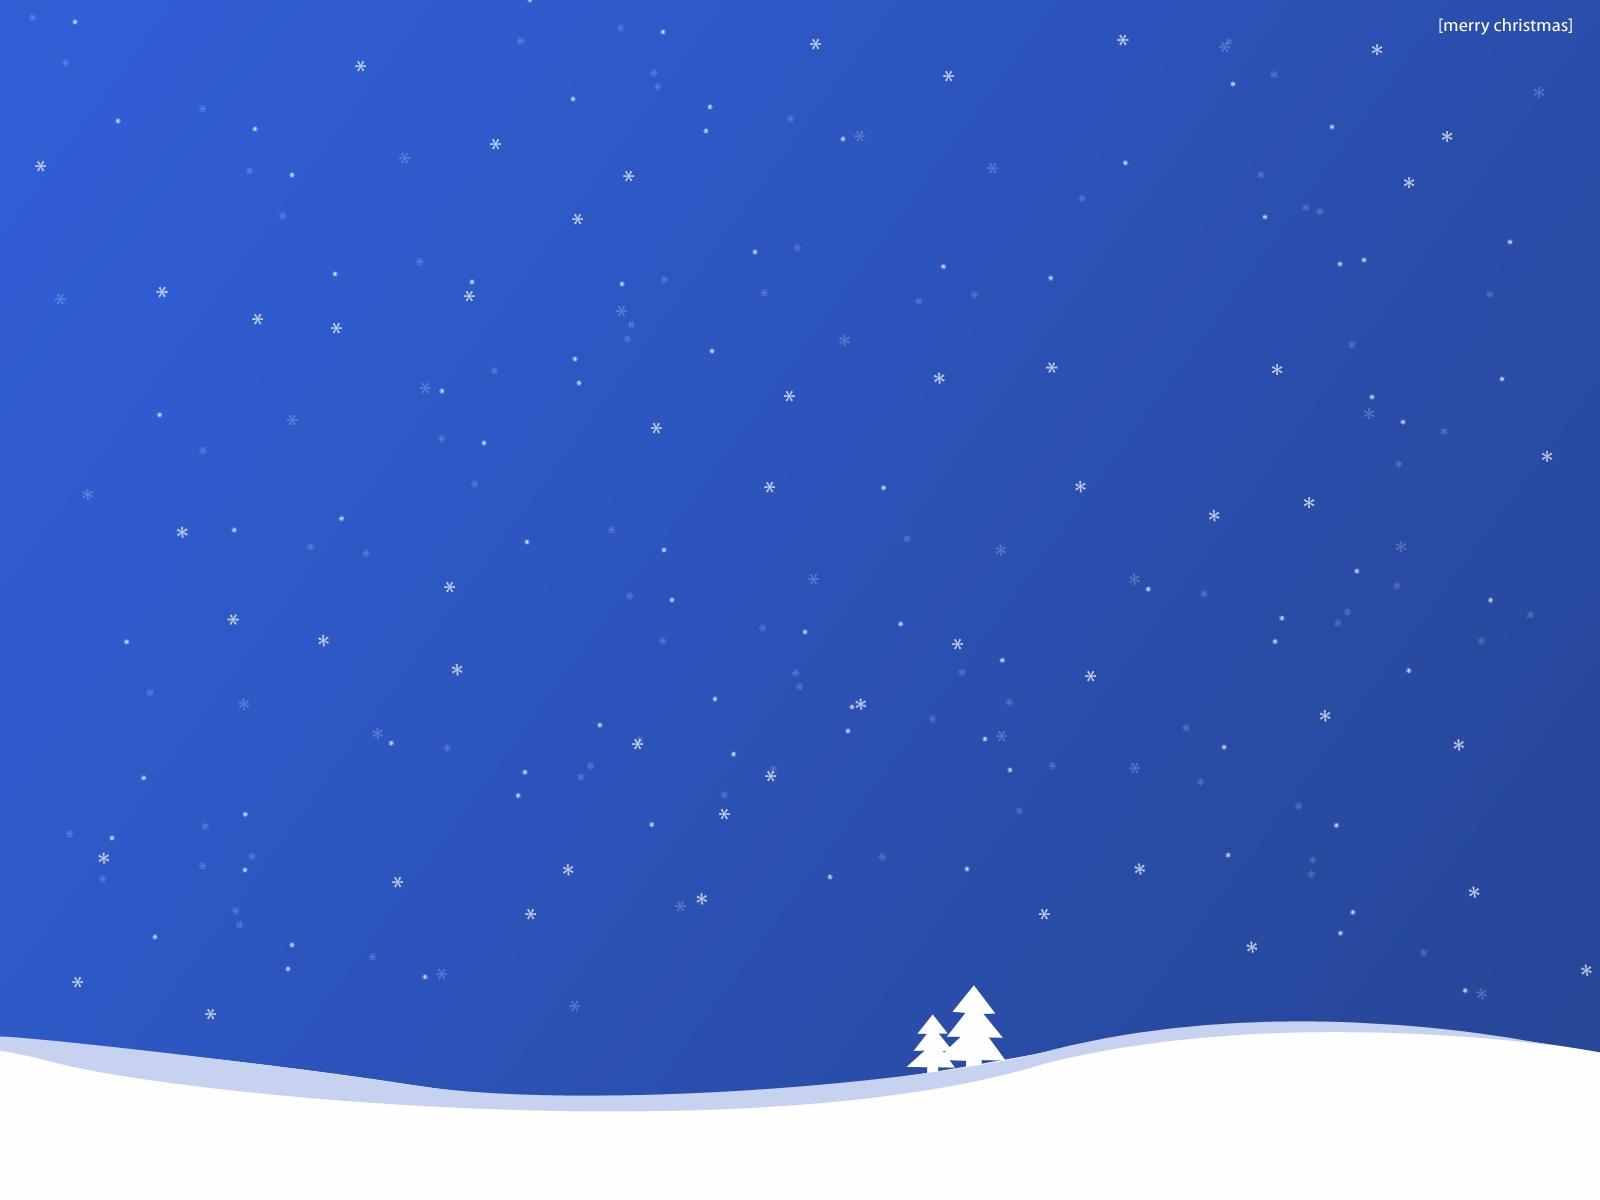 Google themes christmas - Christmas Scene Google Themes Snowy Christmas Scene Google Wallpapers